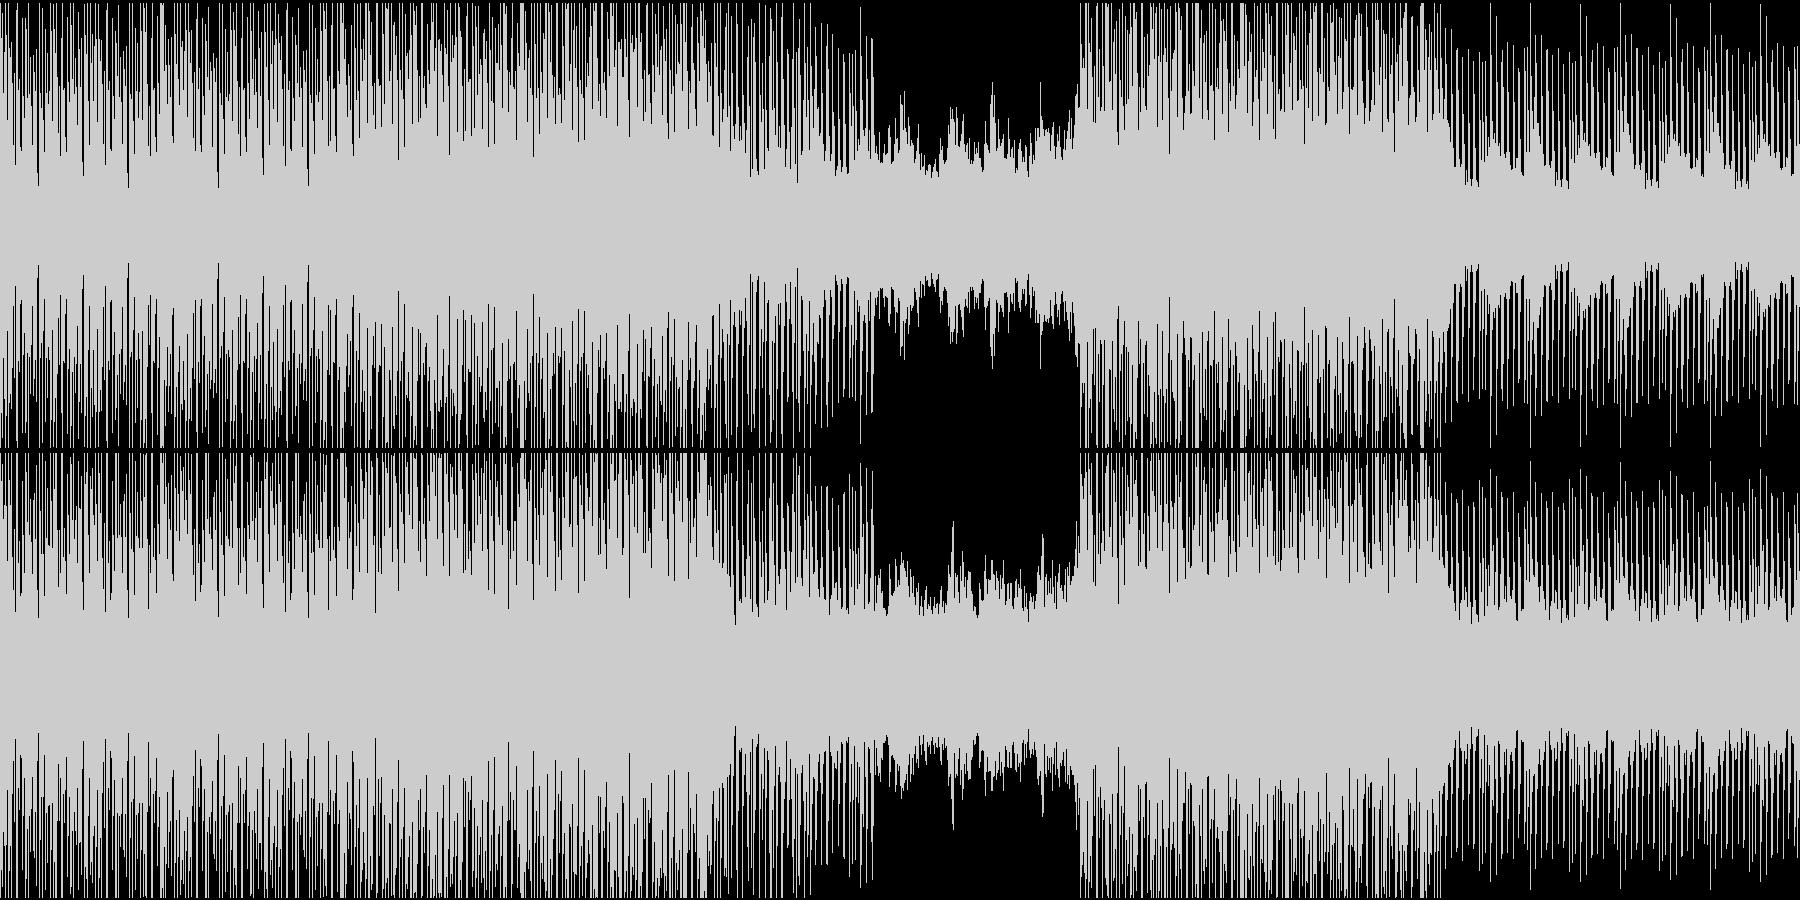 [ループ]ダンスミュージック4の未再生の波形